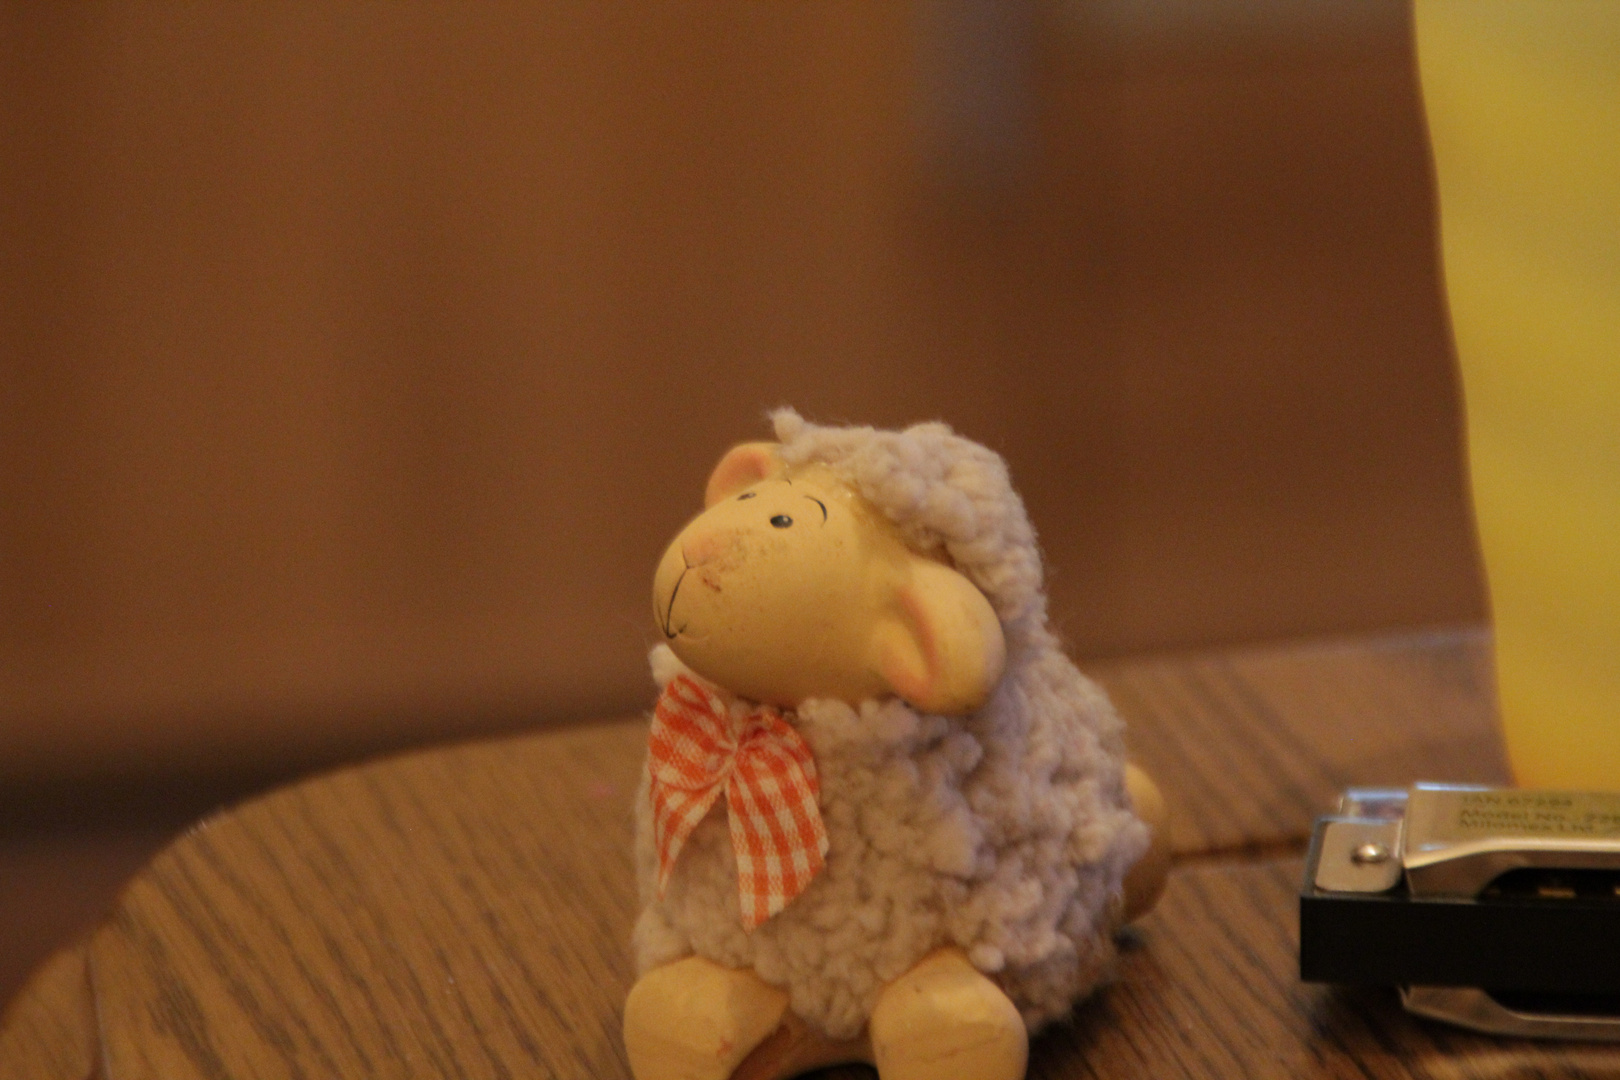 Das andere Schaf